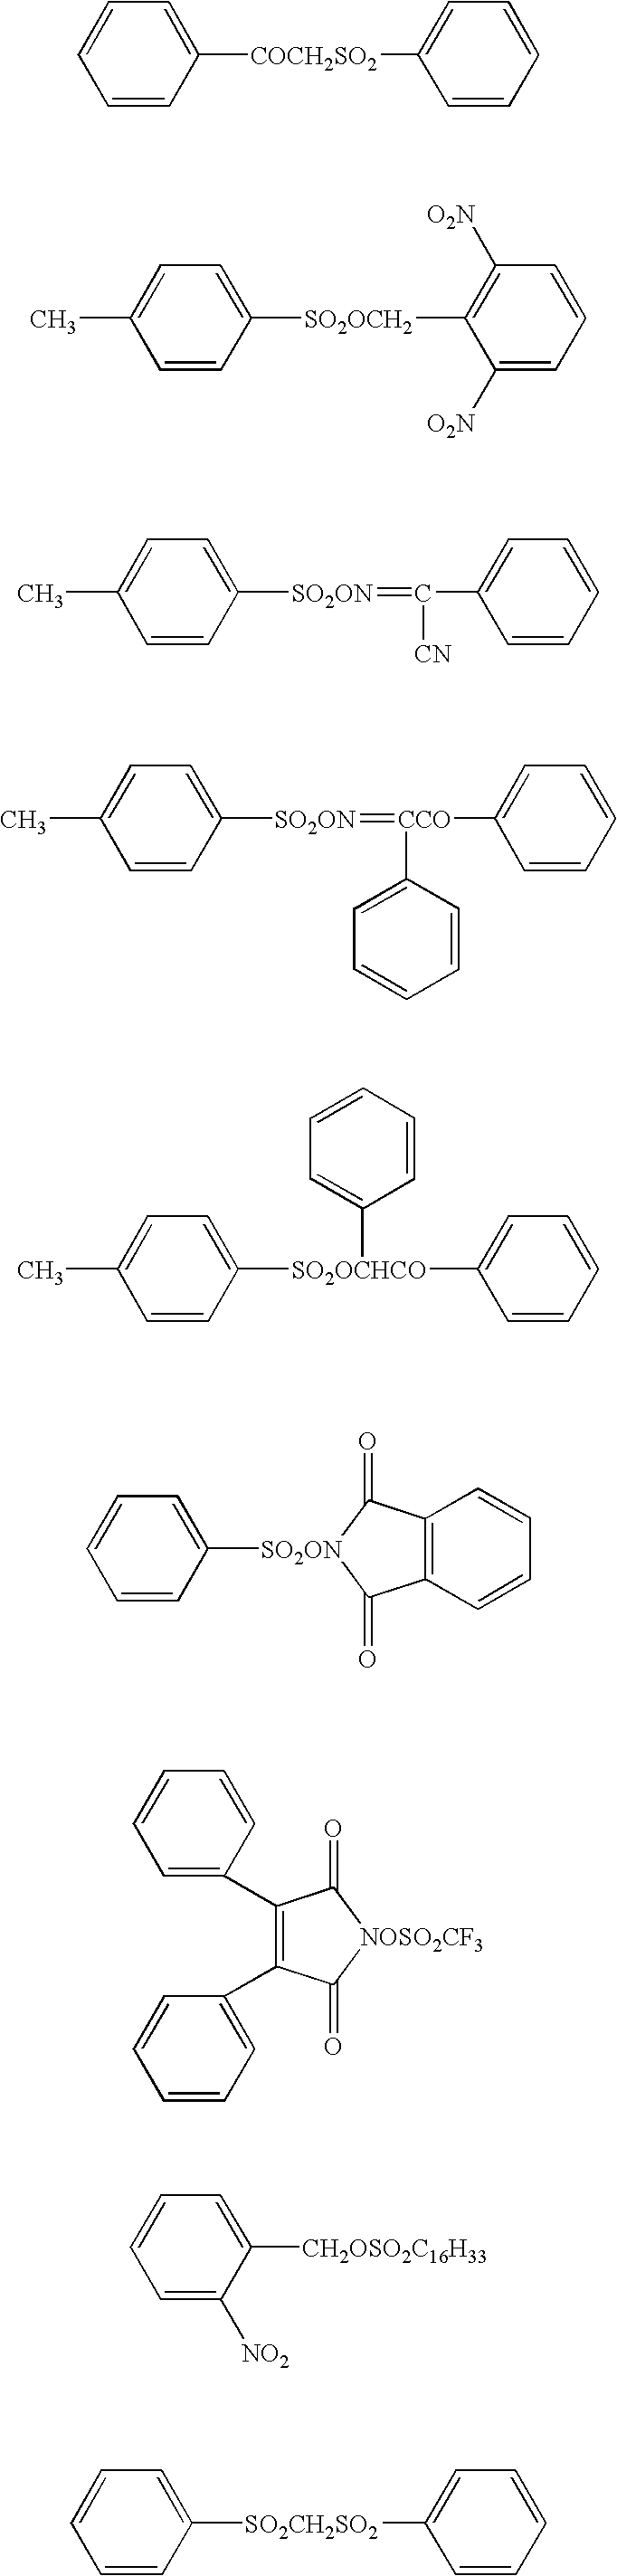 Figure US20040227798A1-20041118-C00017